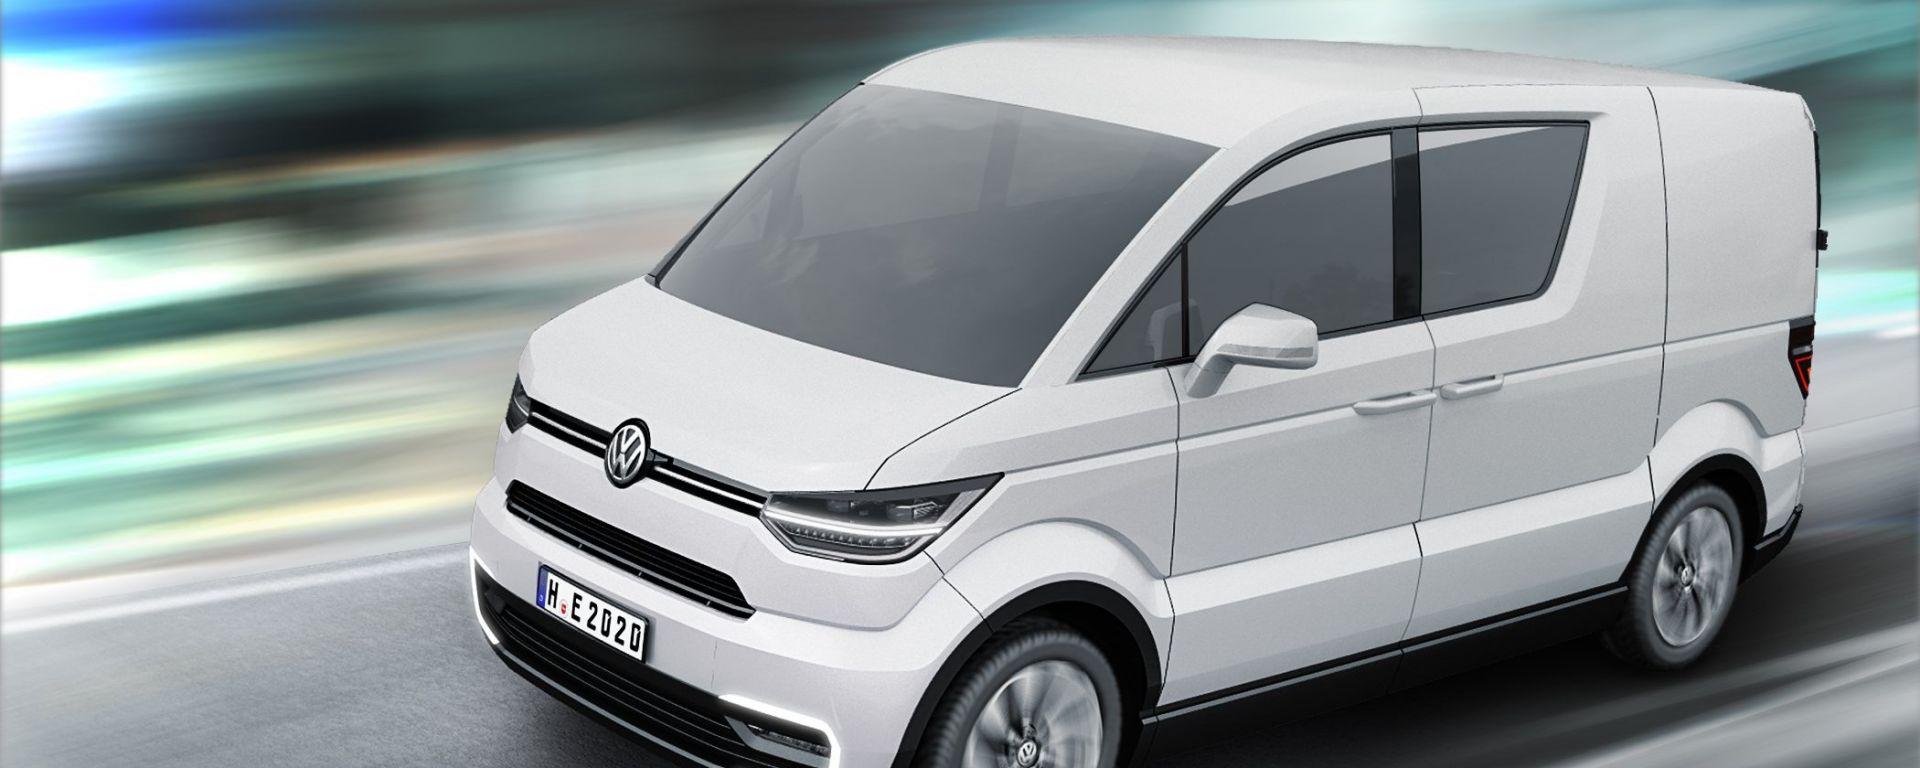 Volkswagen E-coMotion